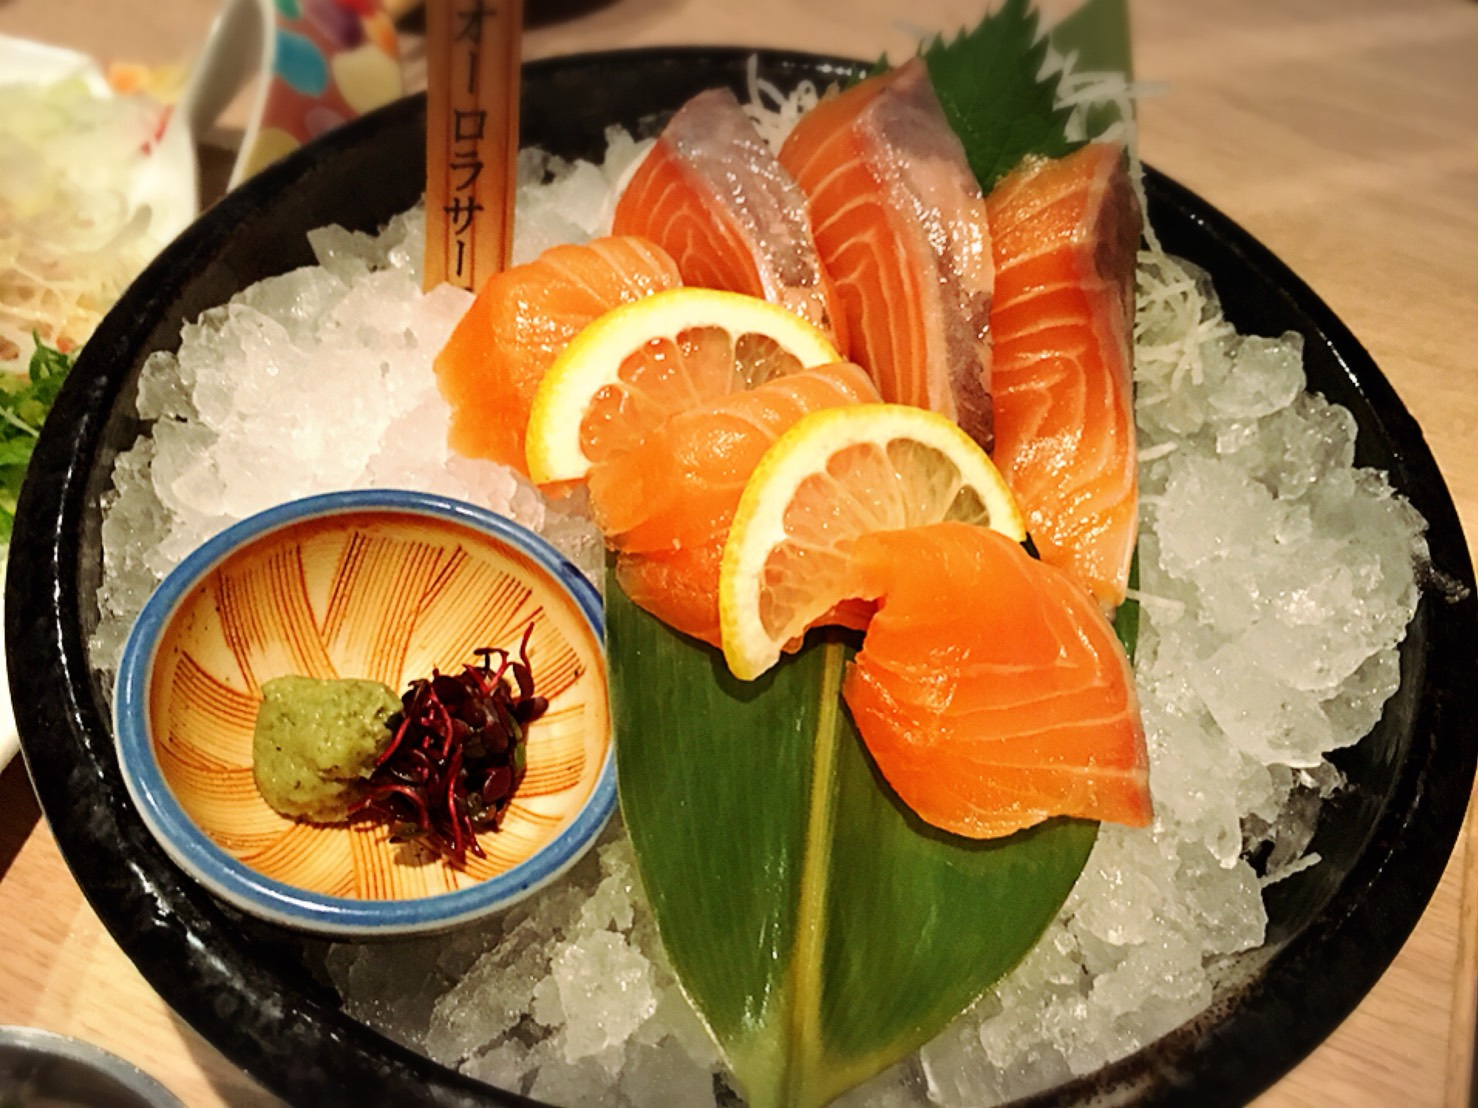 【池袋駅】落ち着いた少人数個室が使いやすい!九州料理もクオリティ高めの「TORI魚 池袋本店」のサーモンのお刺身